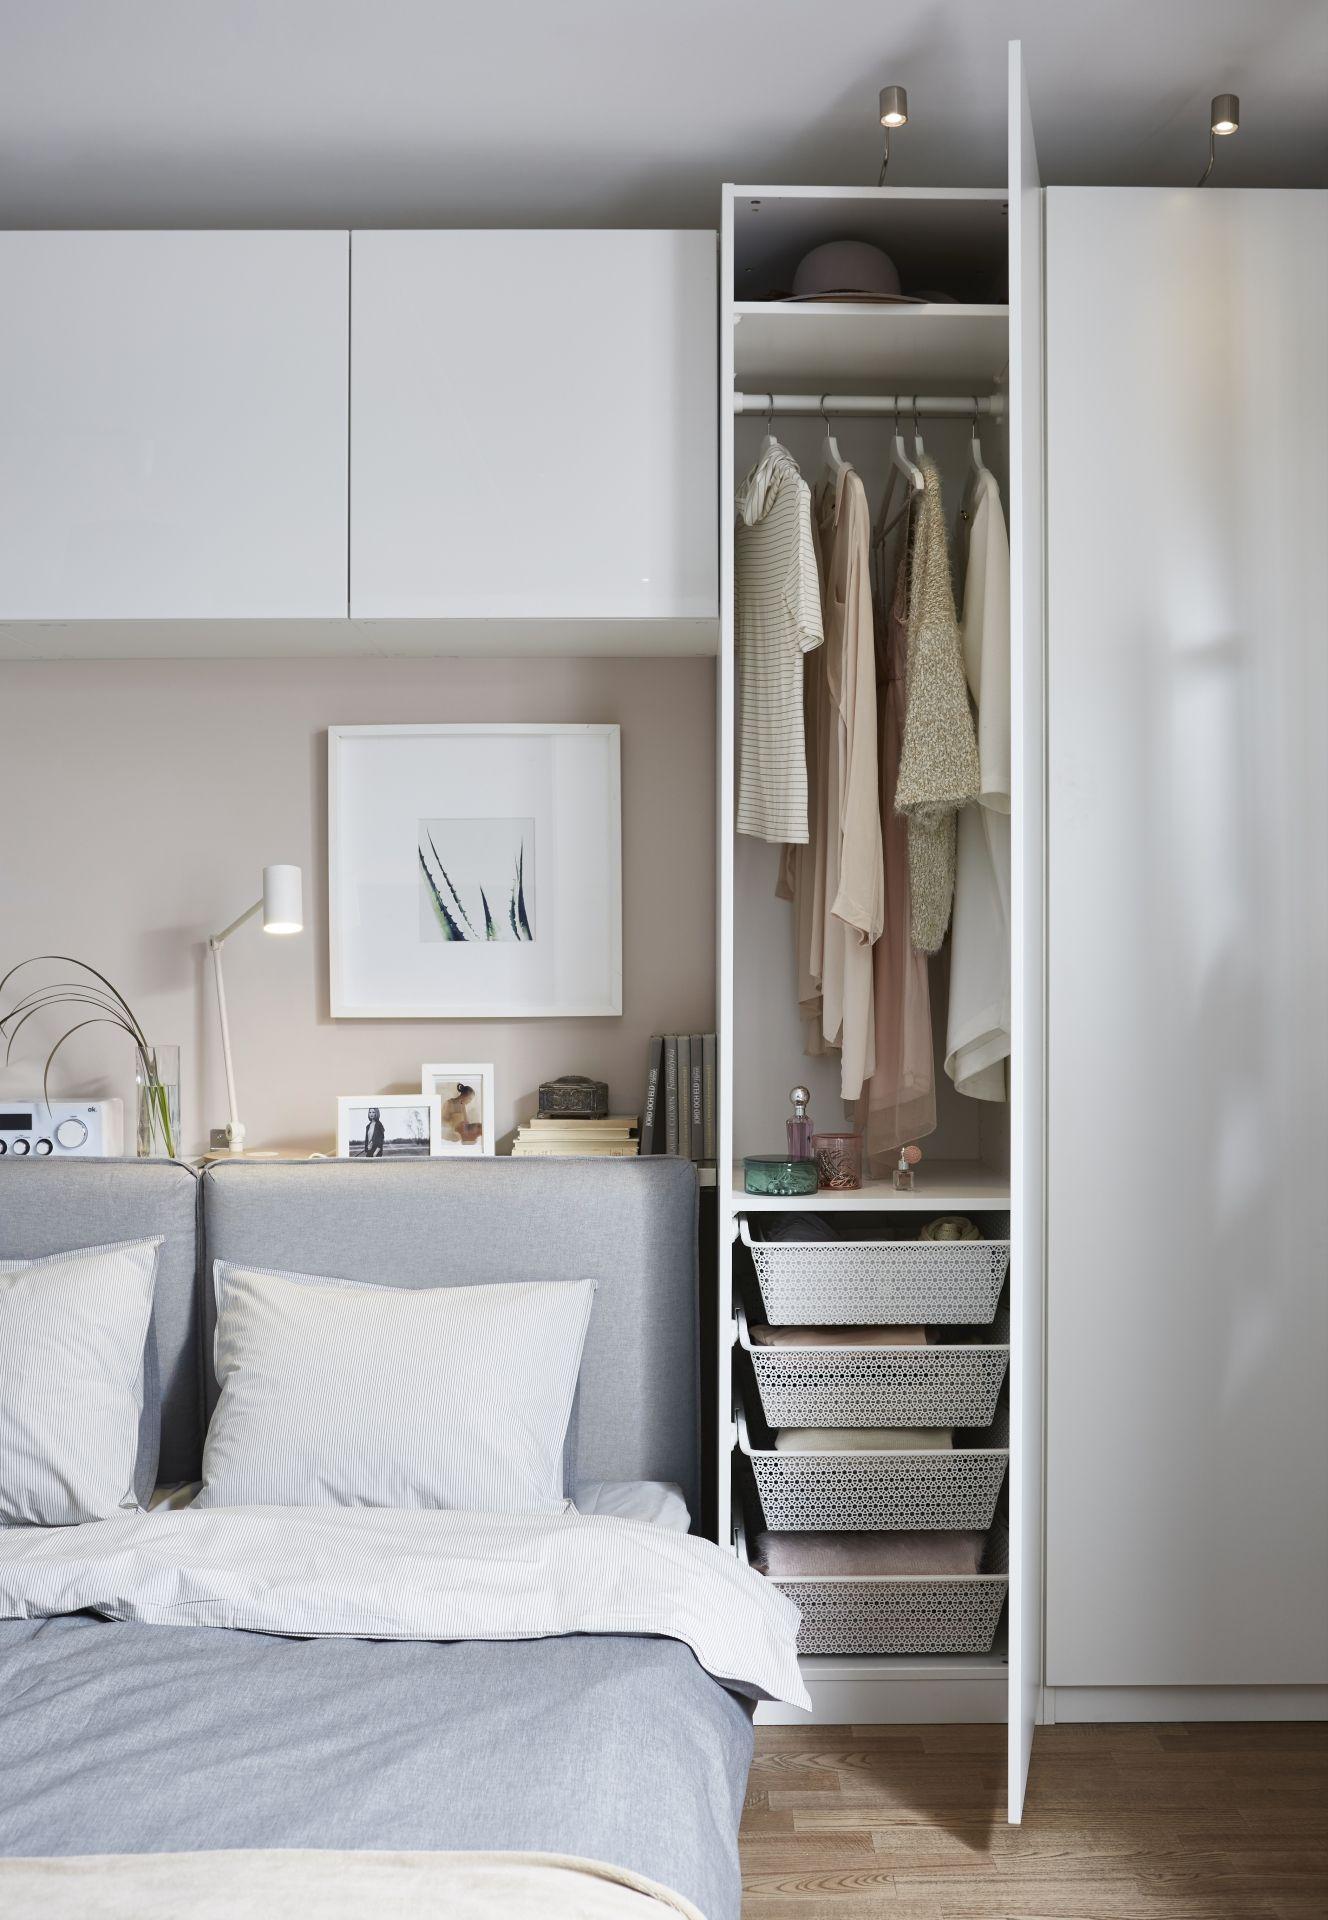 Full Size of überbau Schlafzimmer Modern Ikea Deutschland Man Kann Paund Best Super Kombinieren Fr Komplette Tapete Küche Rauch Modernes Bett Massivholz Landhausstil Wohnzimmer überbau Schlafzimmer Modern